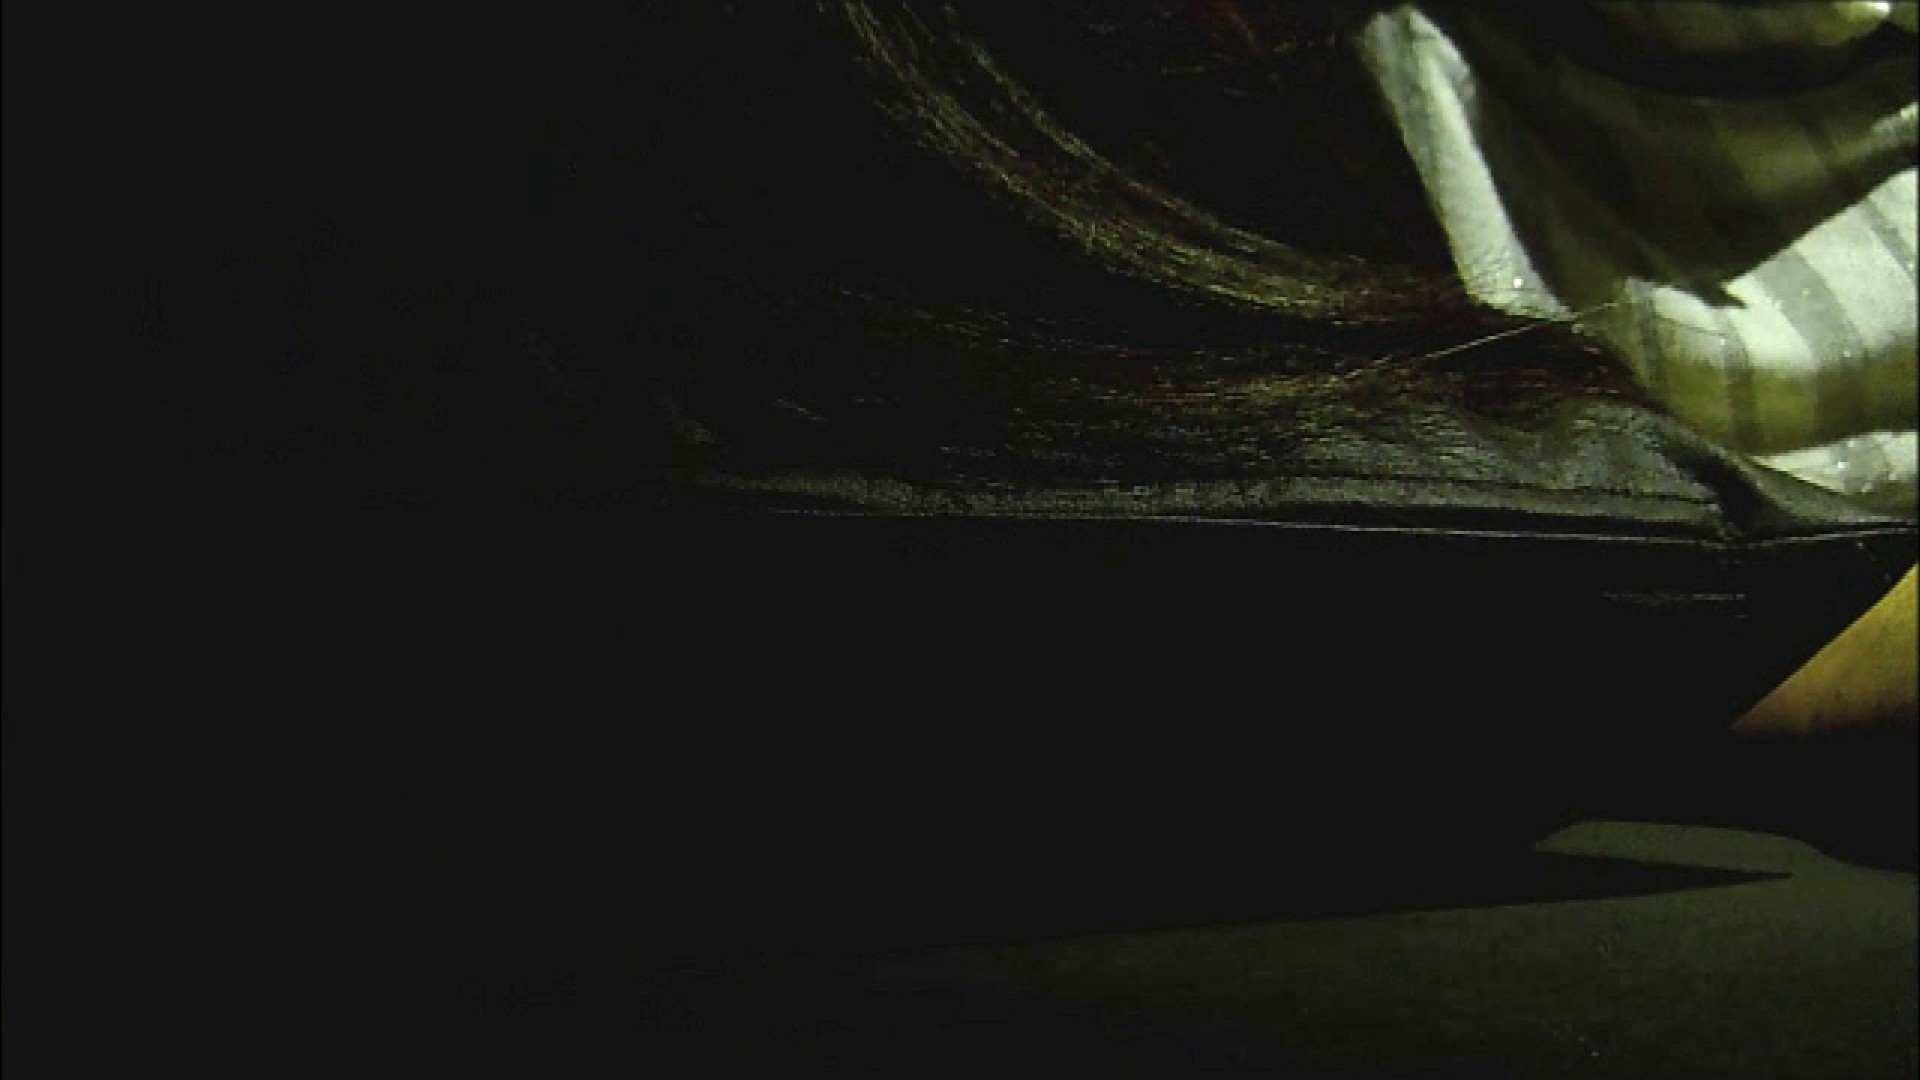 魔術師の お・も・て・な・し vol.01 20歳販売系 悪戯 オマンコ動画キャプチャ 61画像 47